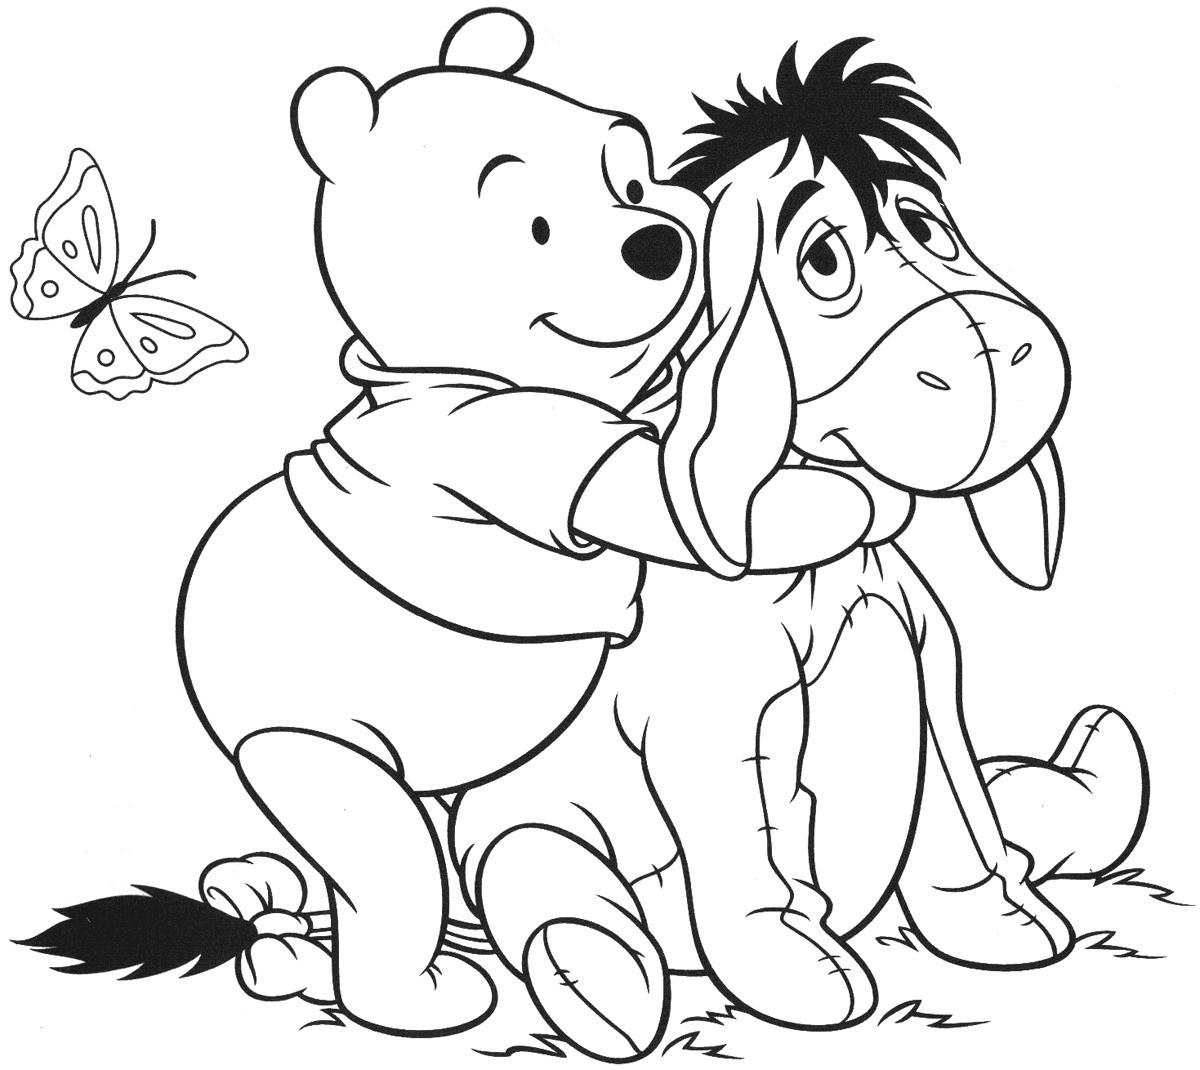 Ausmalbild Winnie Pooh Neu Ausmalbilder Winnie Puuh Inspirierend Winnie the Pooh Coloring Pages Bild